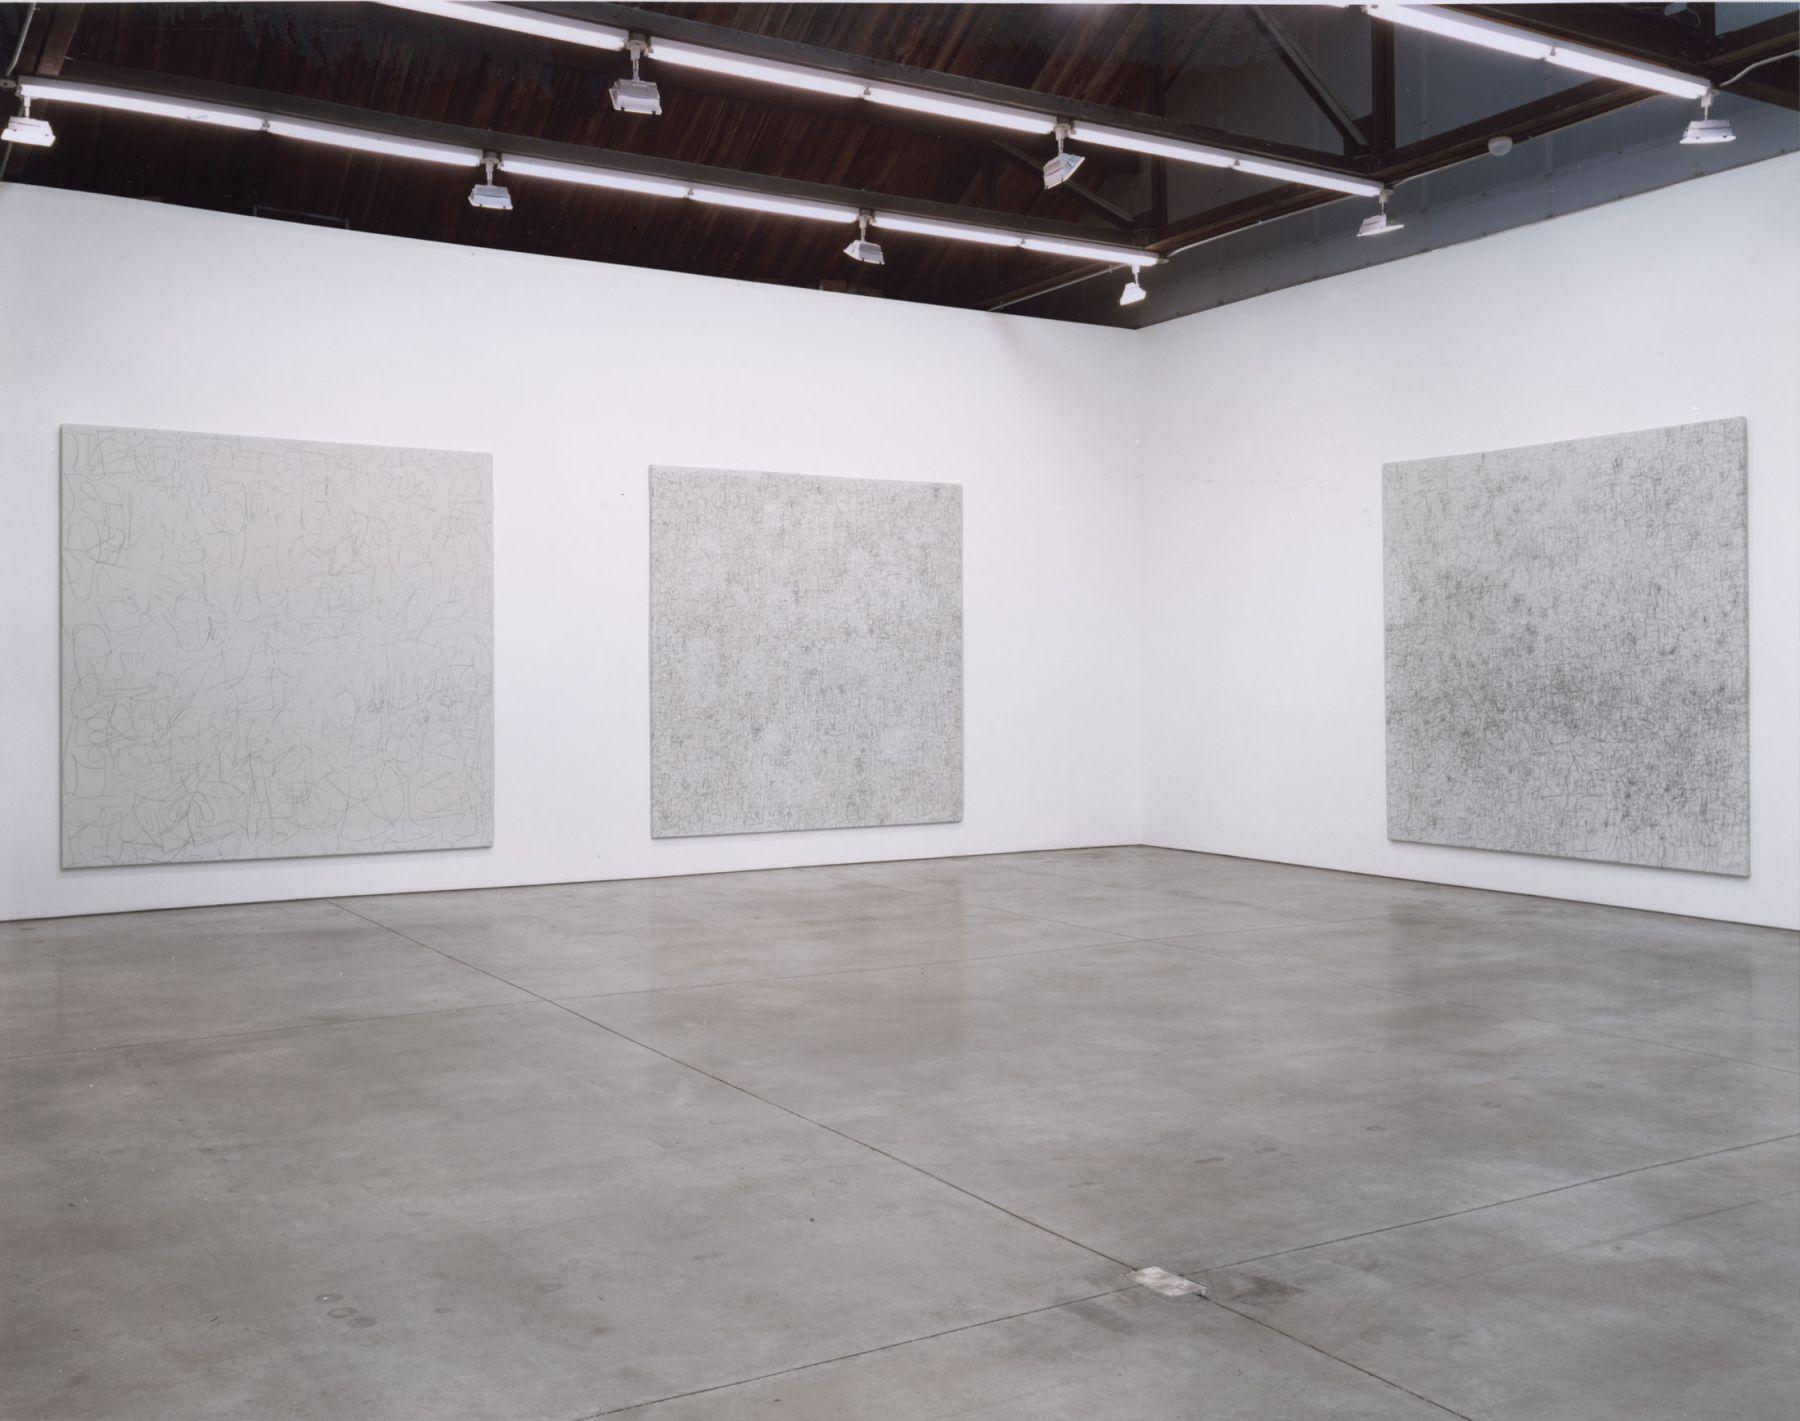 George Condo, Albert Oehlen, Gerhard Richter, Rachel Whiteread, Christopher Wool, Installation view